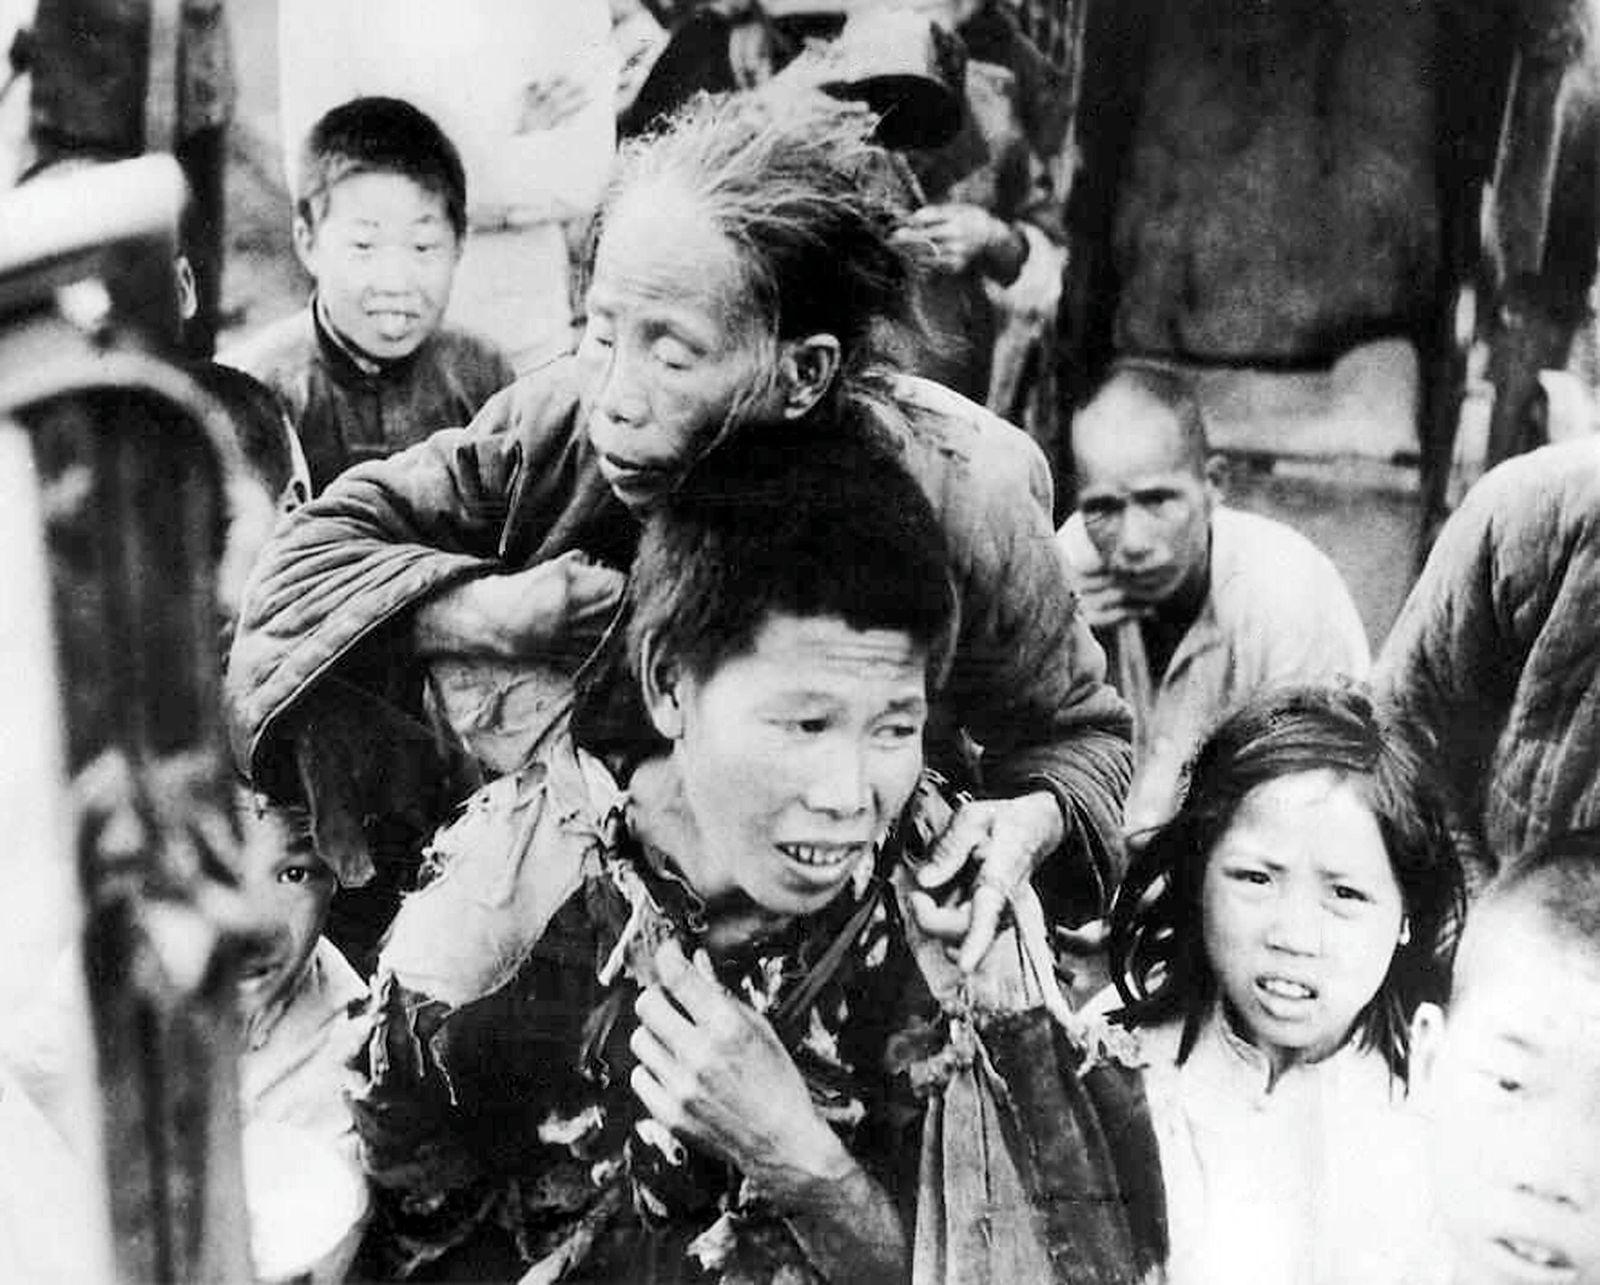 The Great Leap Forward (simplified Chinese: a¤ßè·?è¿: ; traditional Chinese: a¤ßèºéIJ; pinyin: Dà yue jìn) of the Peopl